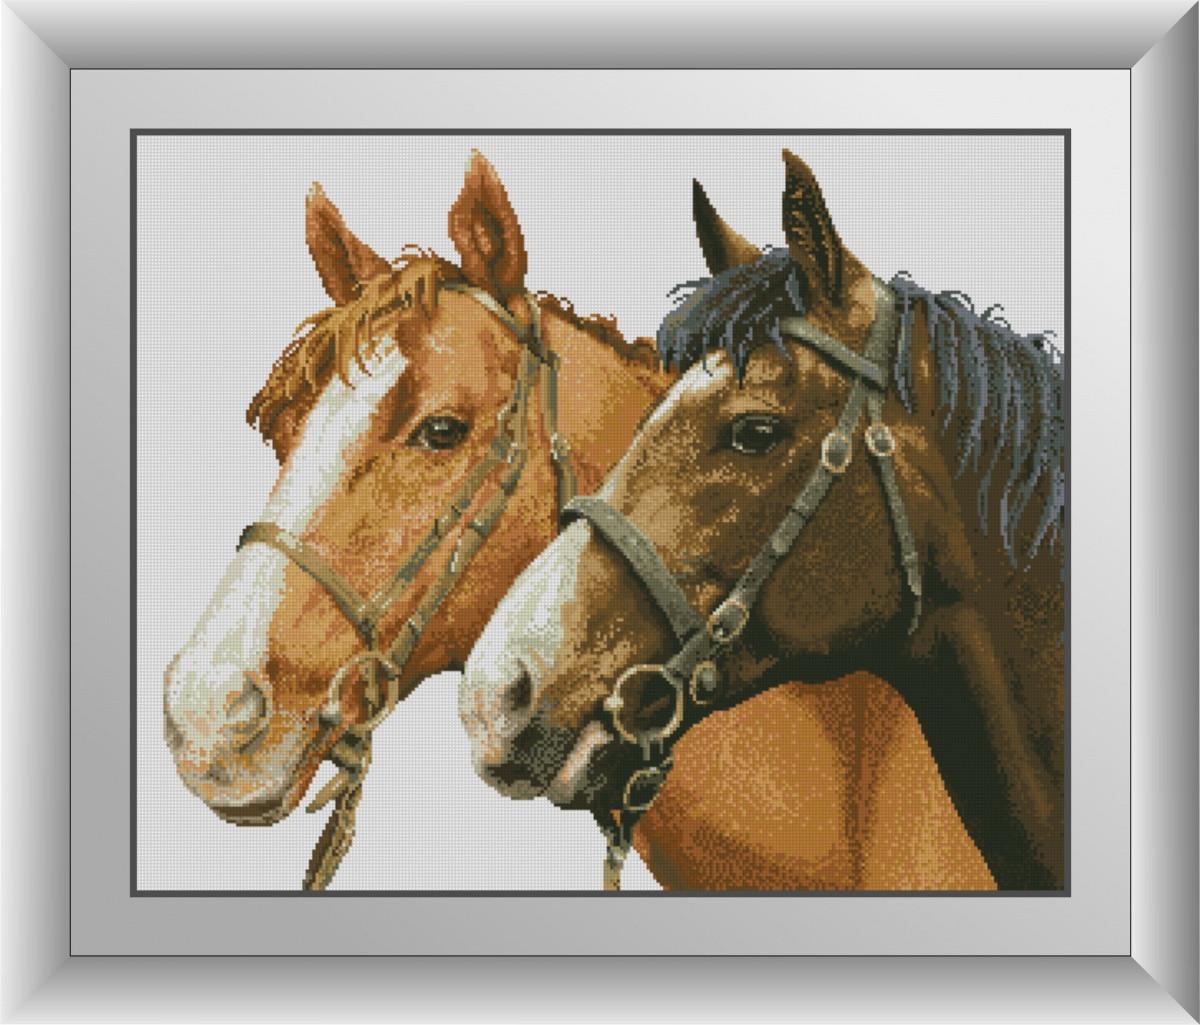 Набор алмазной живописи Пара лошадей Dream Art 30887 (57 x 70 см)